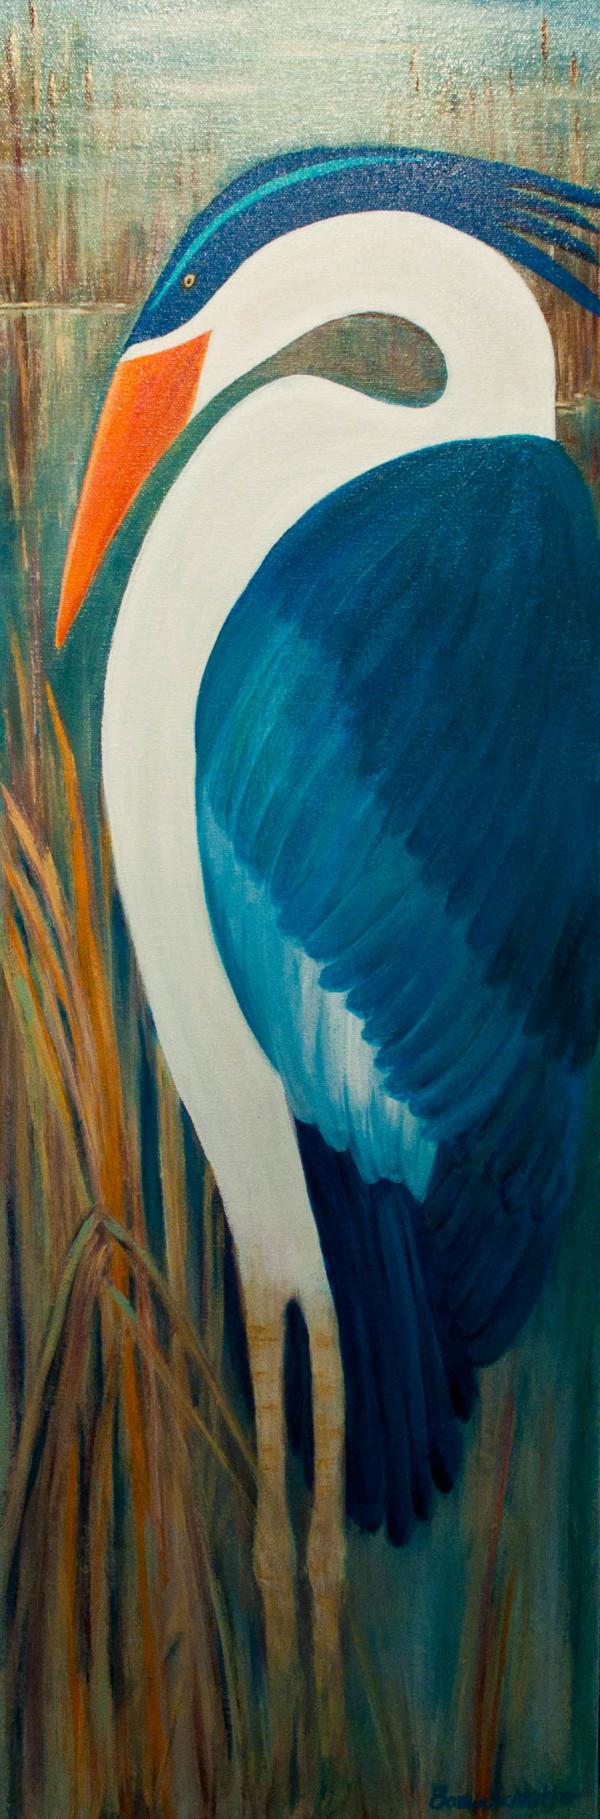 Heron by Bonnie Schnitter